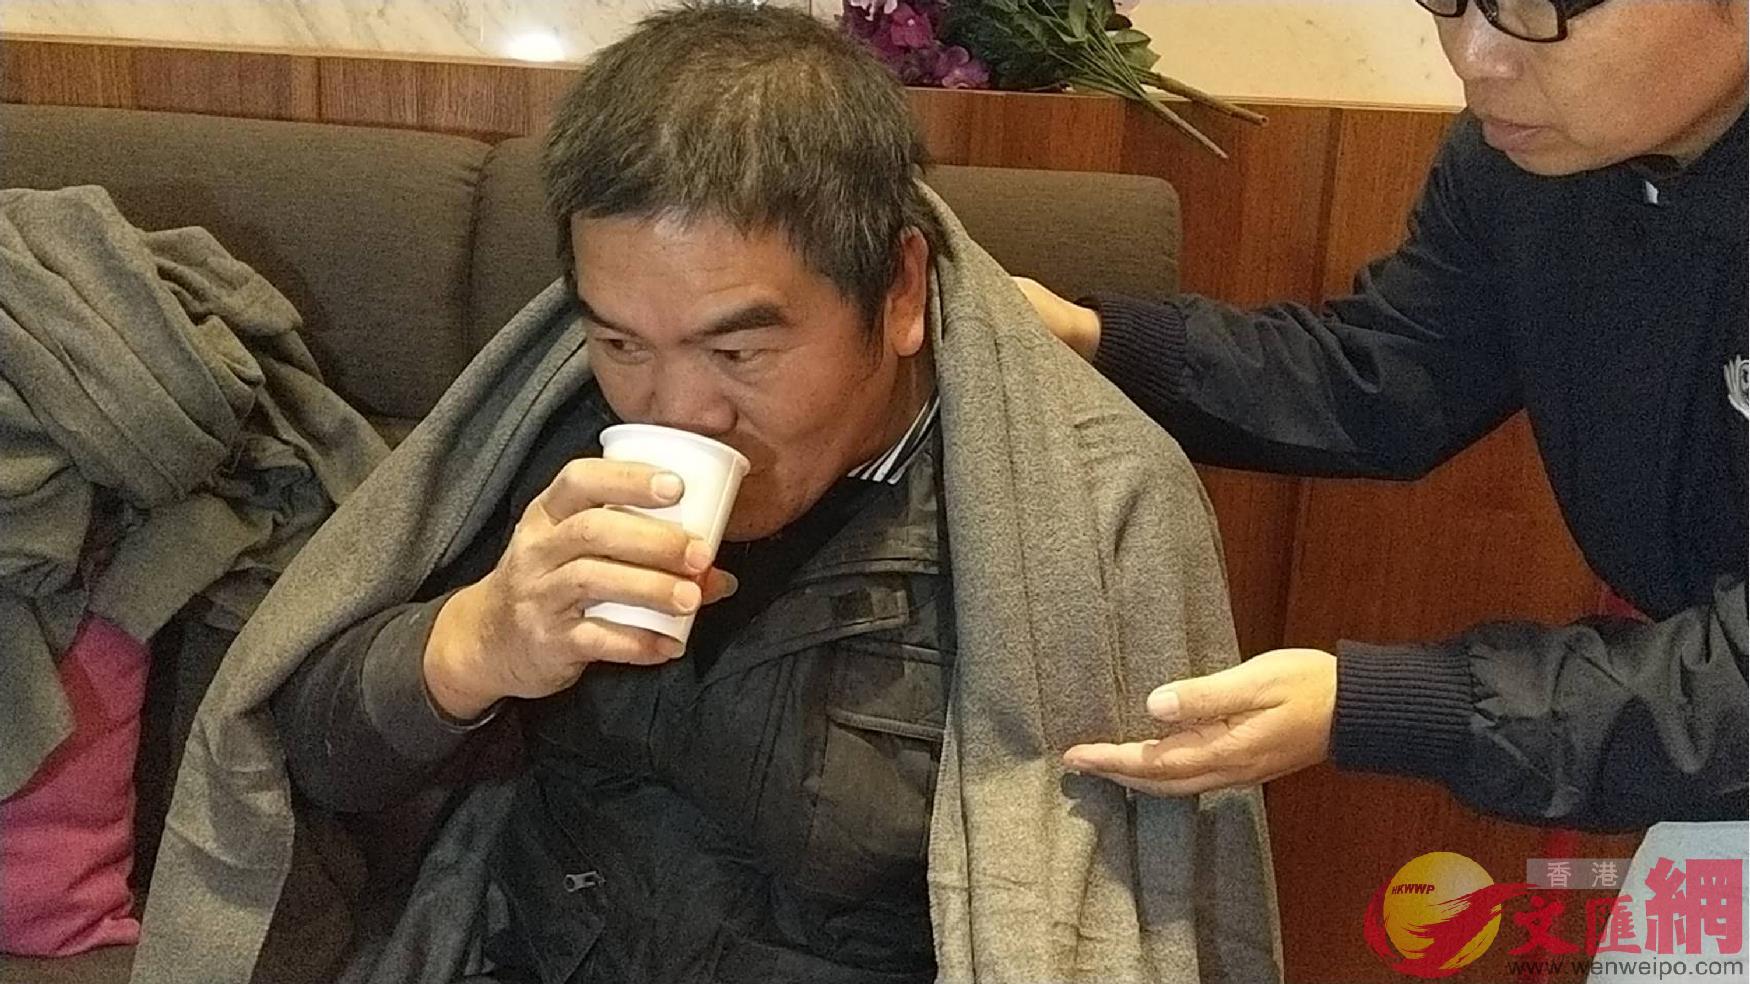 7日04:00:統帥大飯店其中一名受困地下一樓的男性員工平安獲救,他對媒體表示:「差點在電話�媮蕞簳央v。